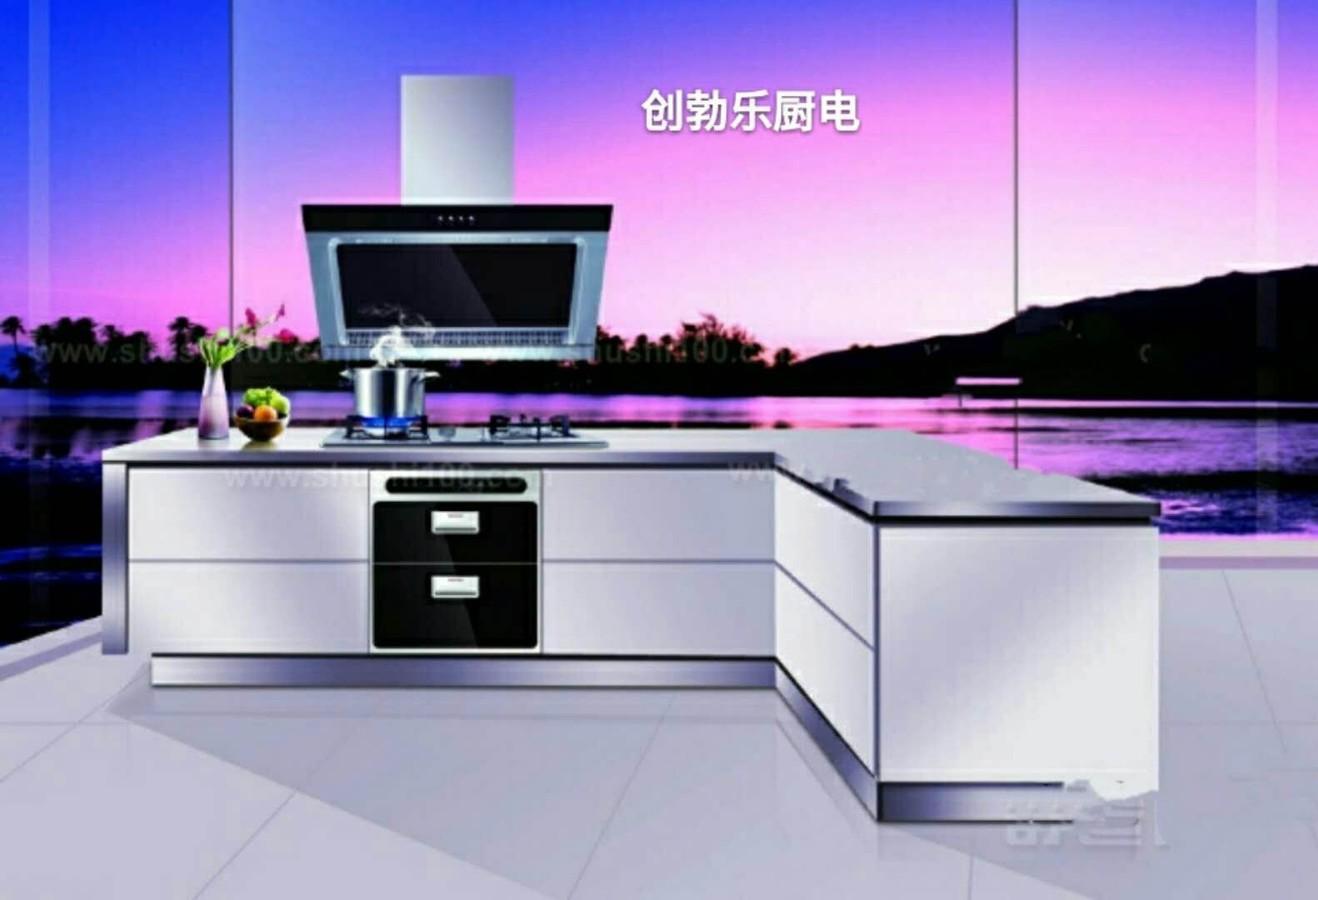 厨房电器零售商城微信小程序